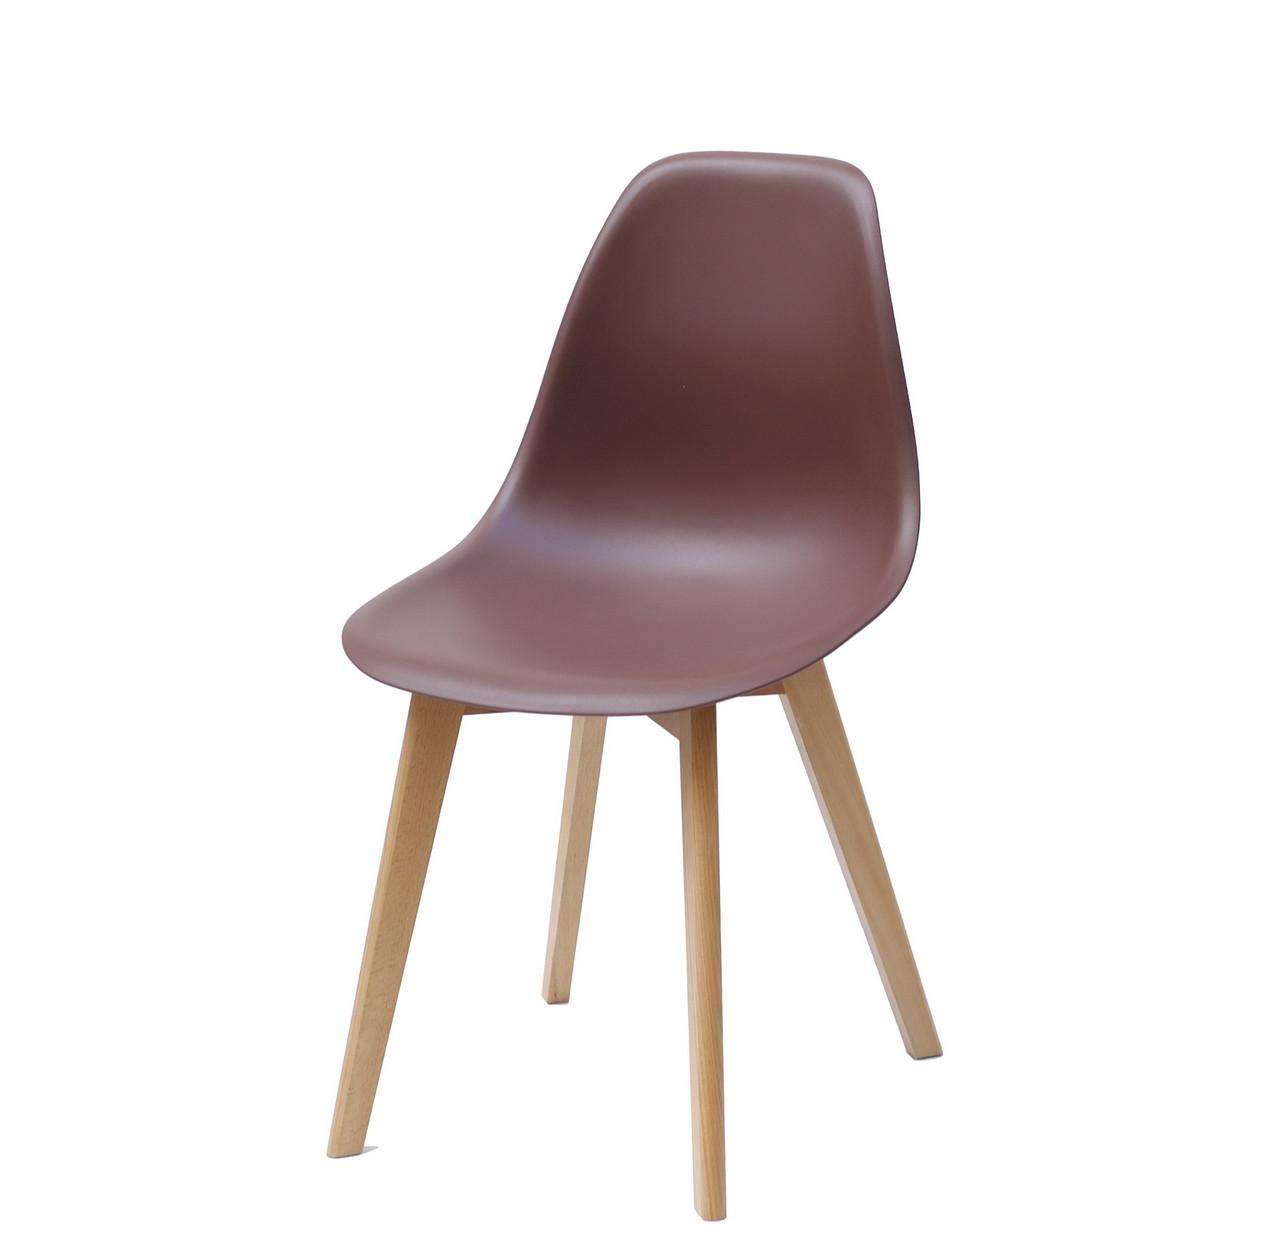 Шоколадный стул на кухню, гостиную, пластиковое сиденье на деревянных ножках в современном стиле Nik D